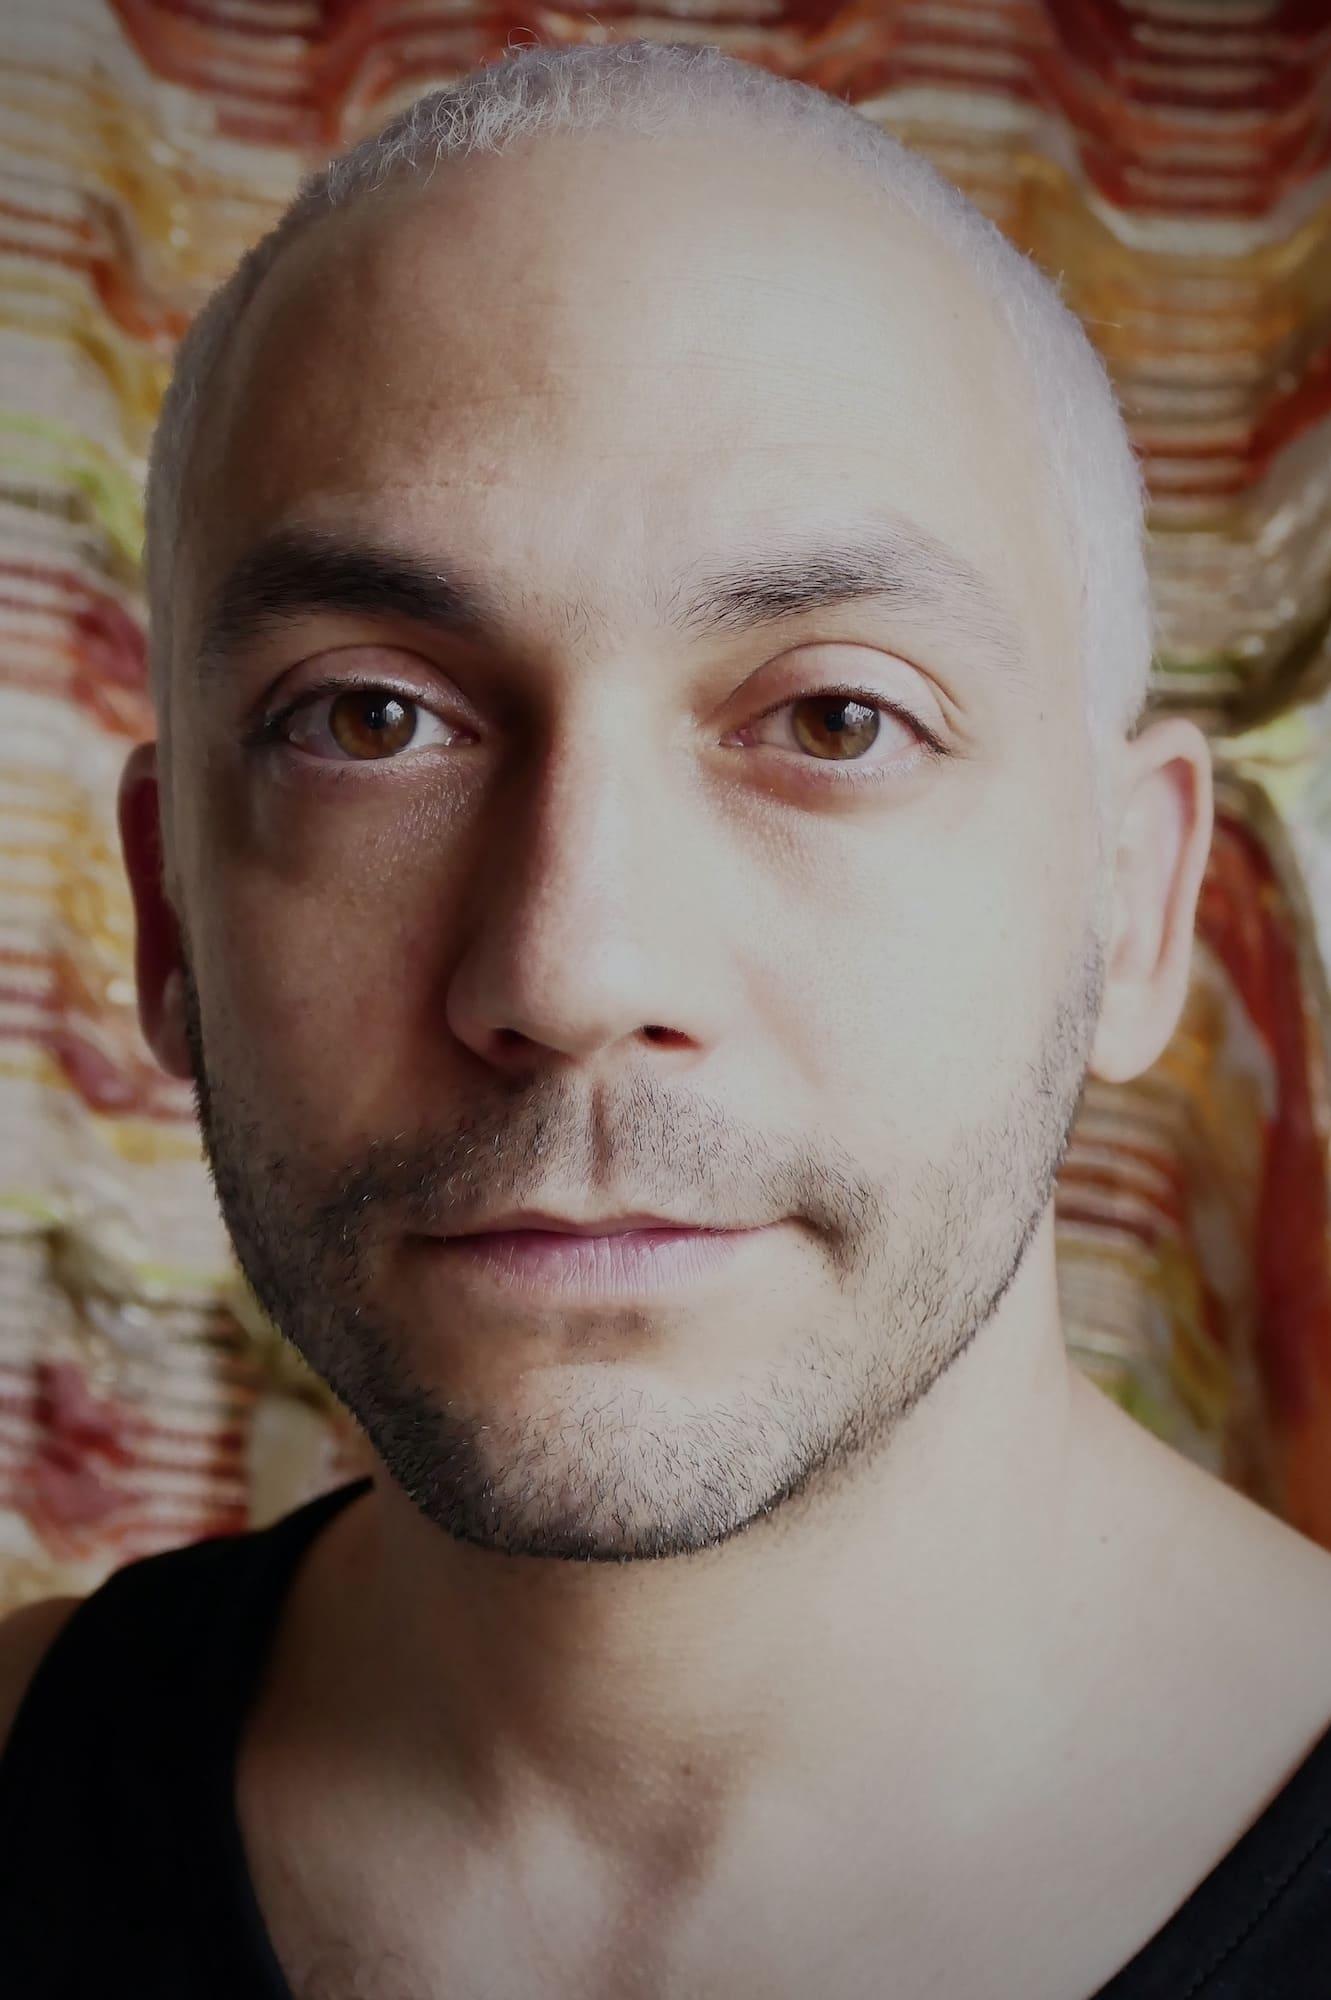 Caetano Gotardo